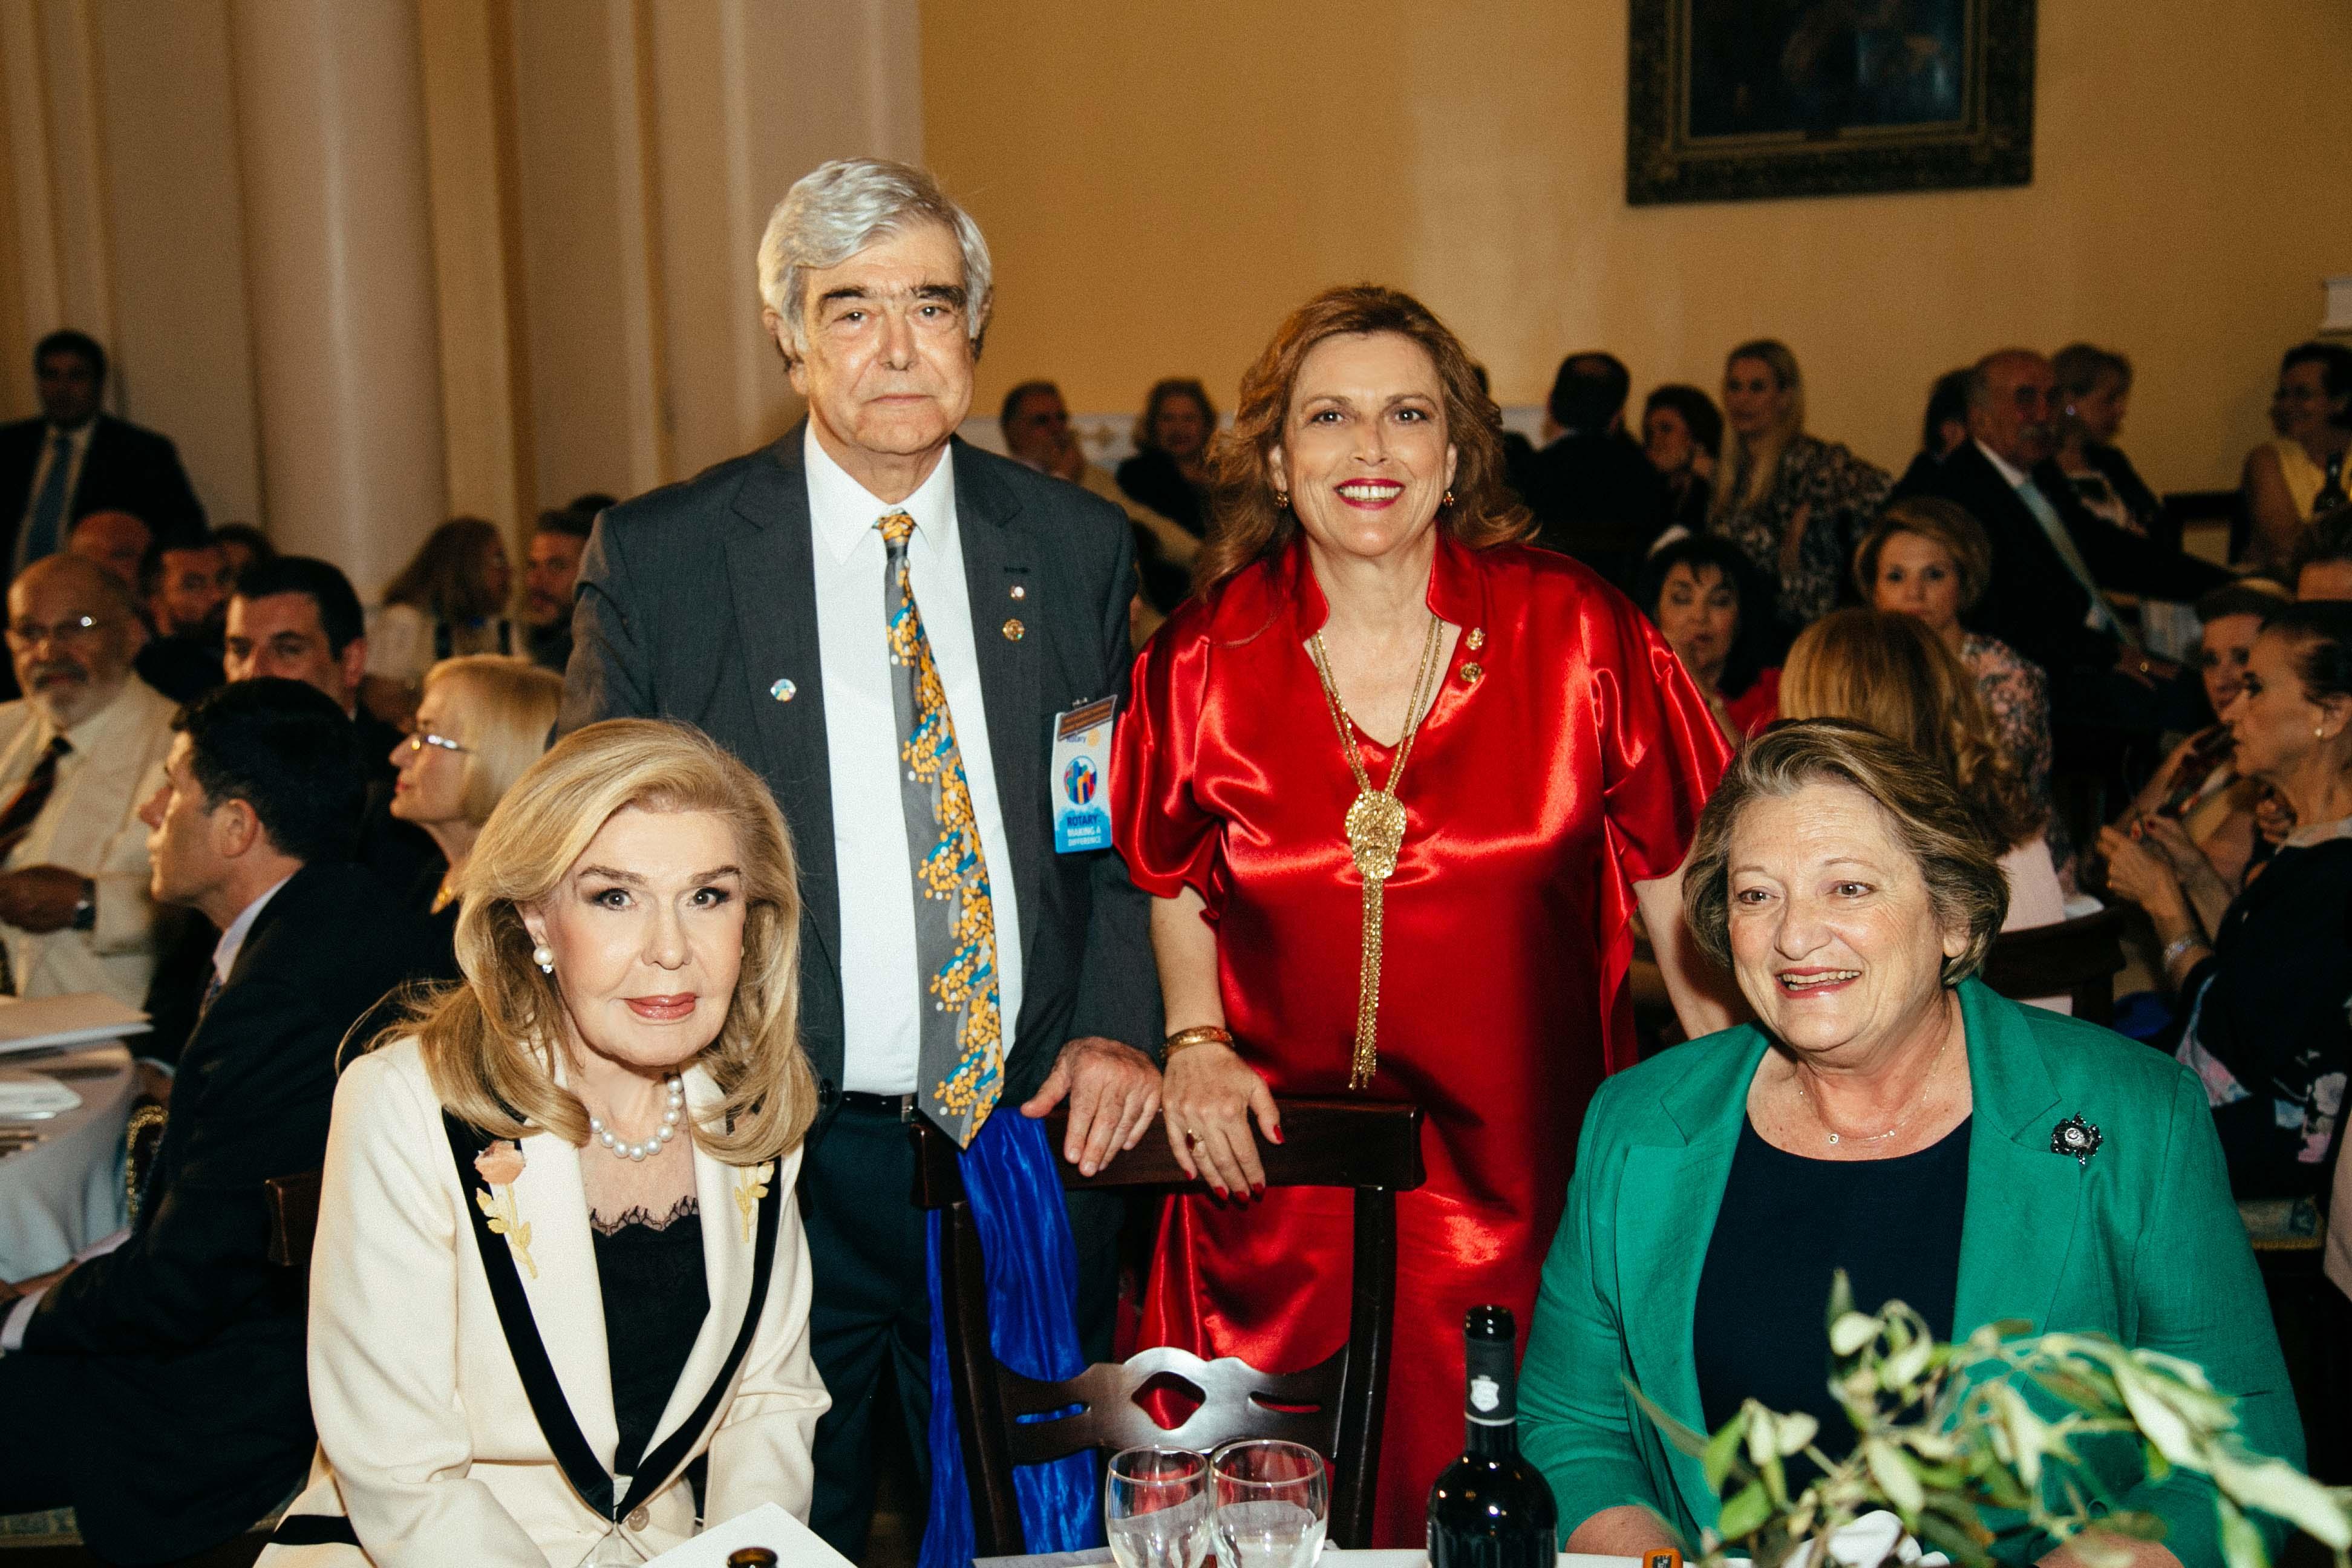 Οι κυρίες Μαριάννα Β. Βαρδινογιάννη και Σίσσυ Παυλοπούλου με τον Διοικητή της 2470 περ. Διεθνούς Ρόταρυ καθ. Χρήστο Κίτσο και την Προέδρο ομίλου Ντίντα Μανώλη